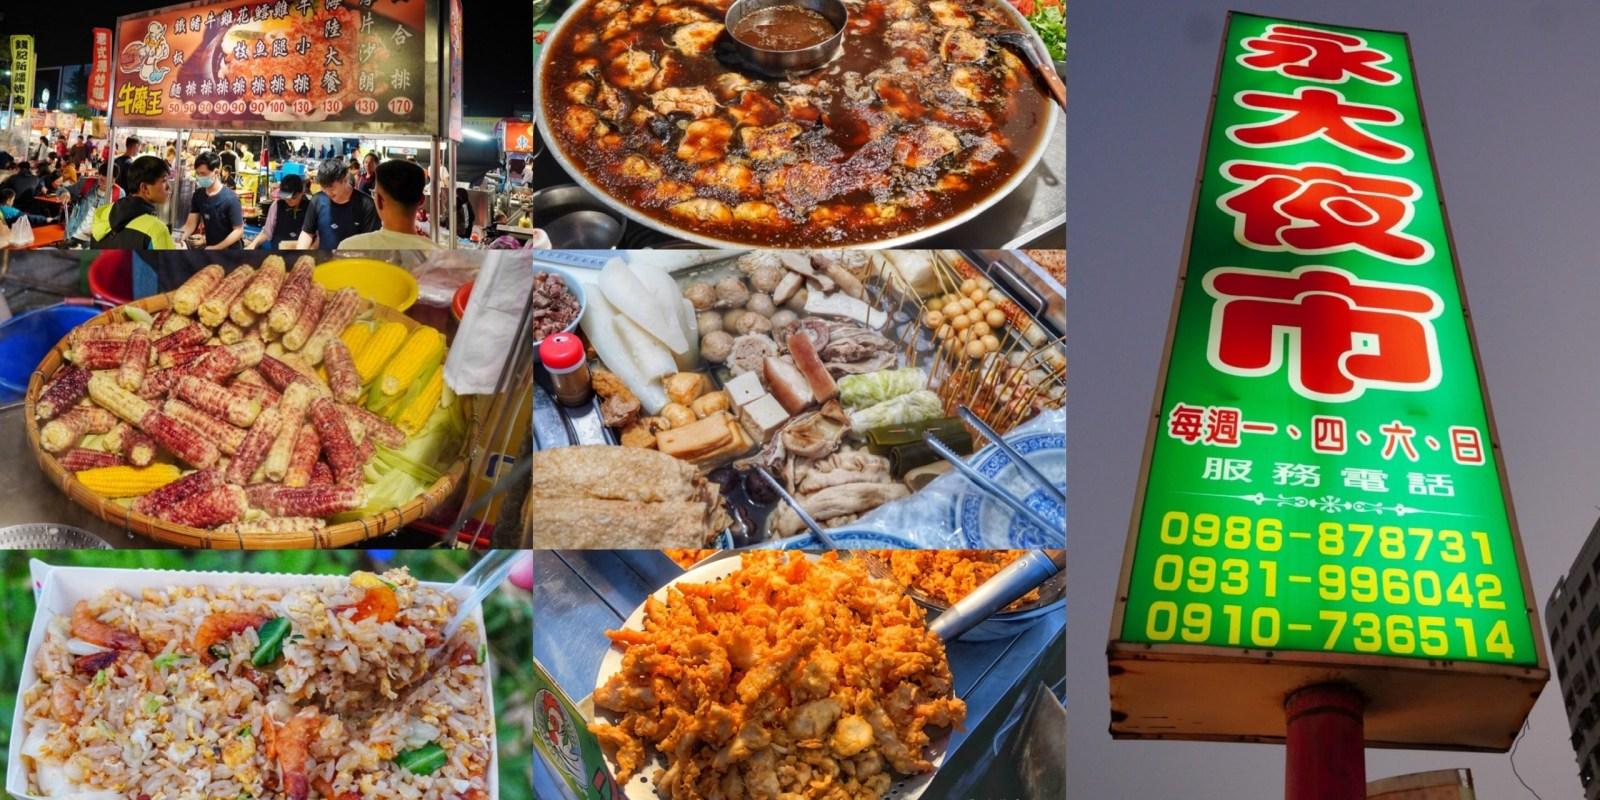 台南唯一週開四天的夜市!永大夜市美食懶人包!今晚就決定吃夜市了